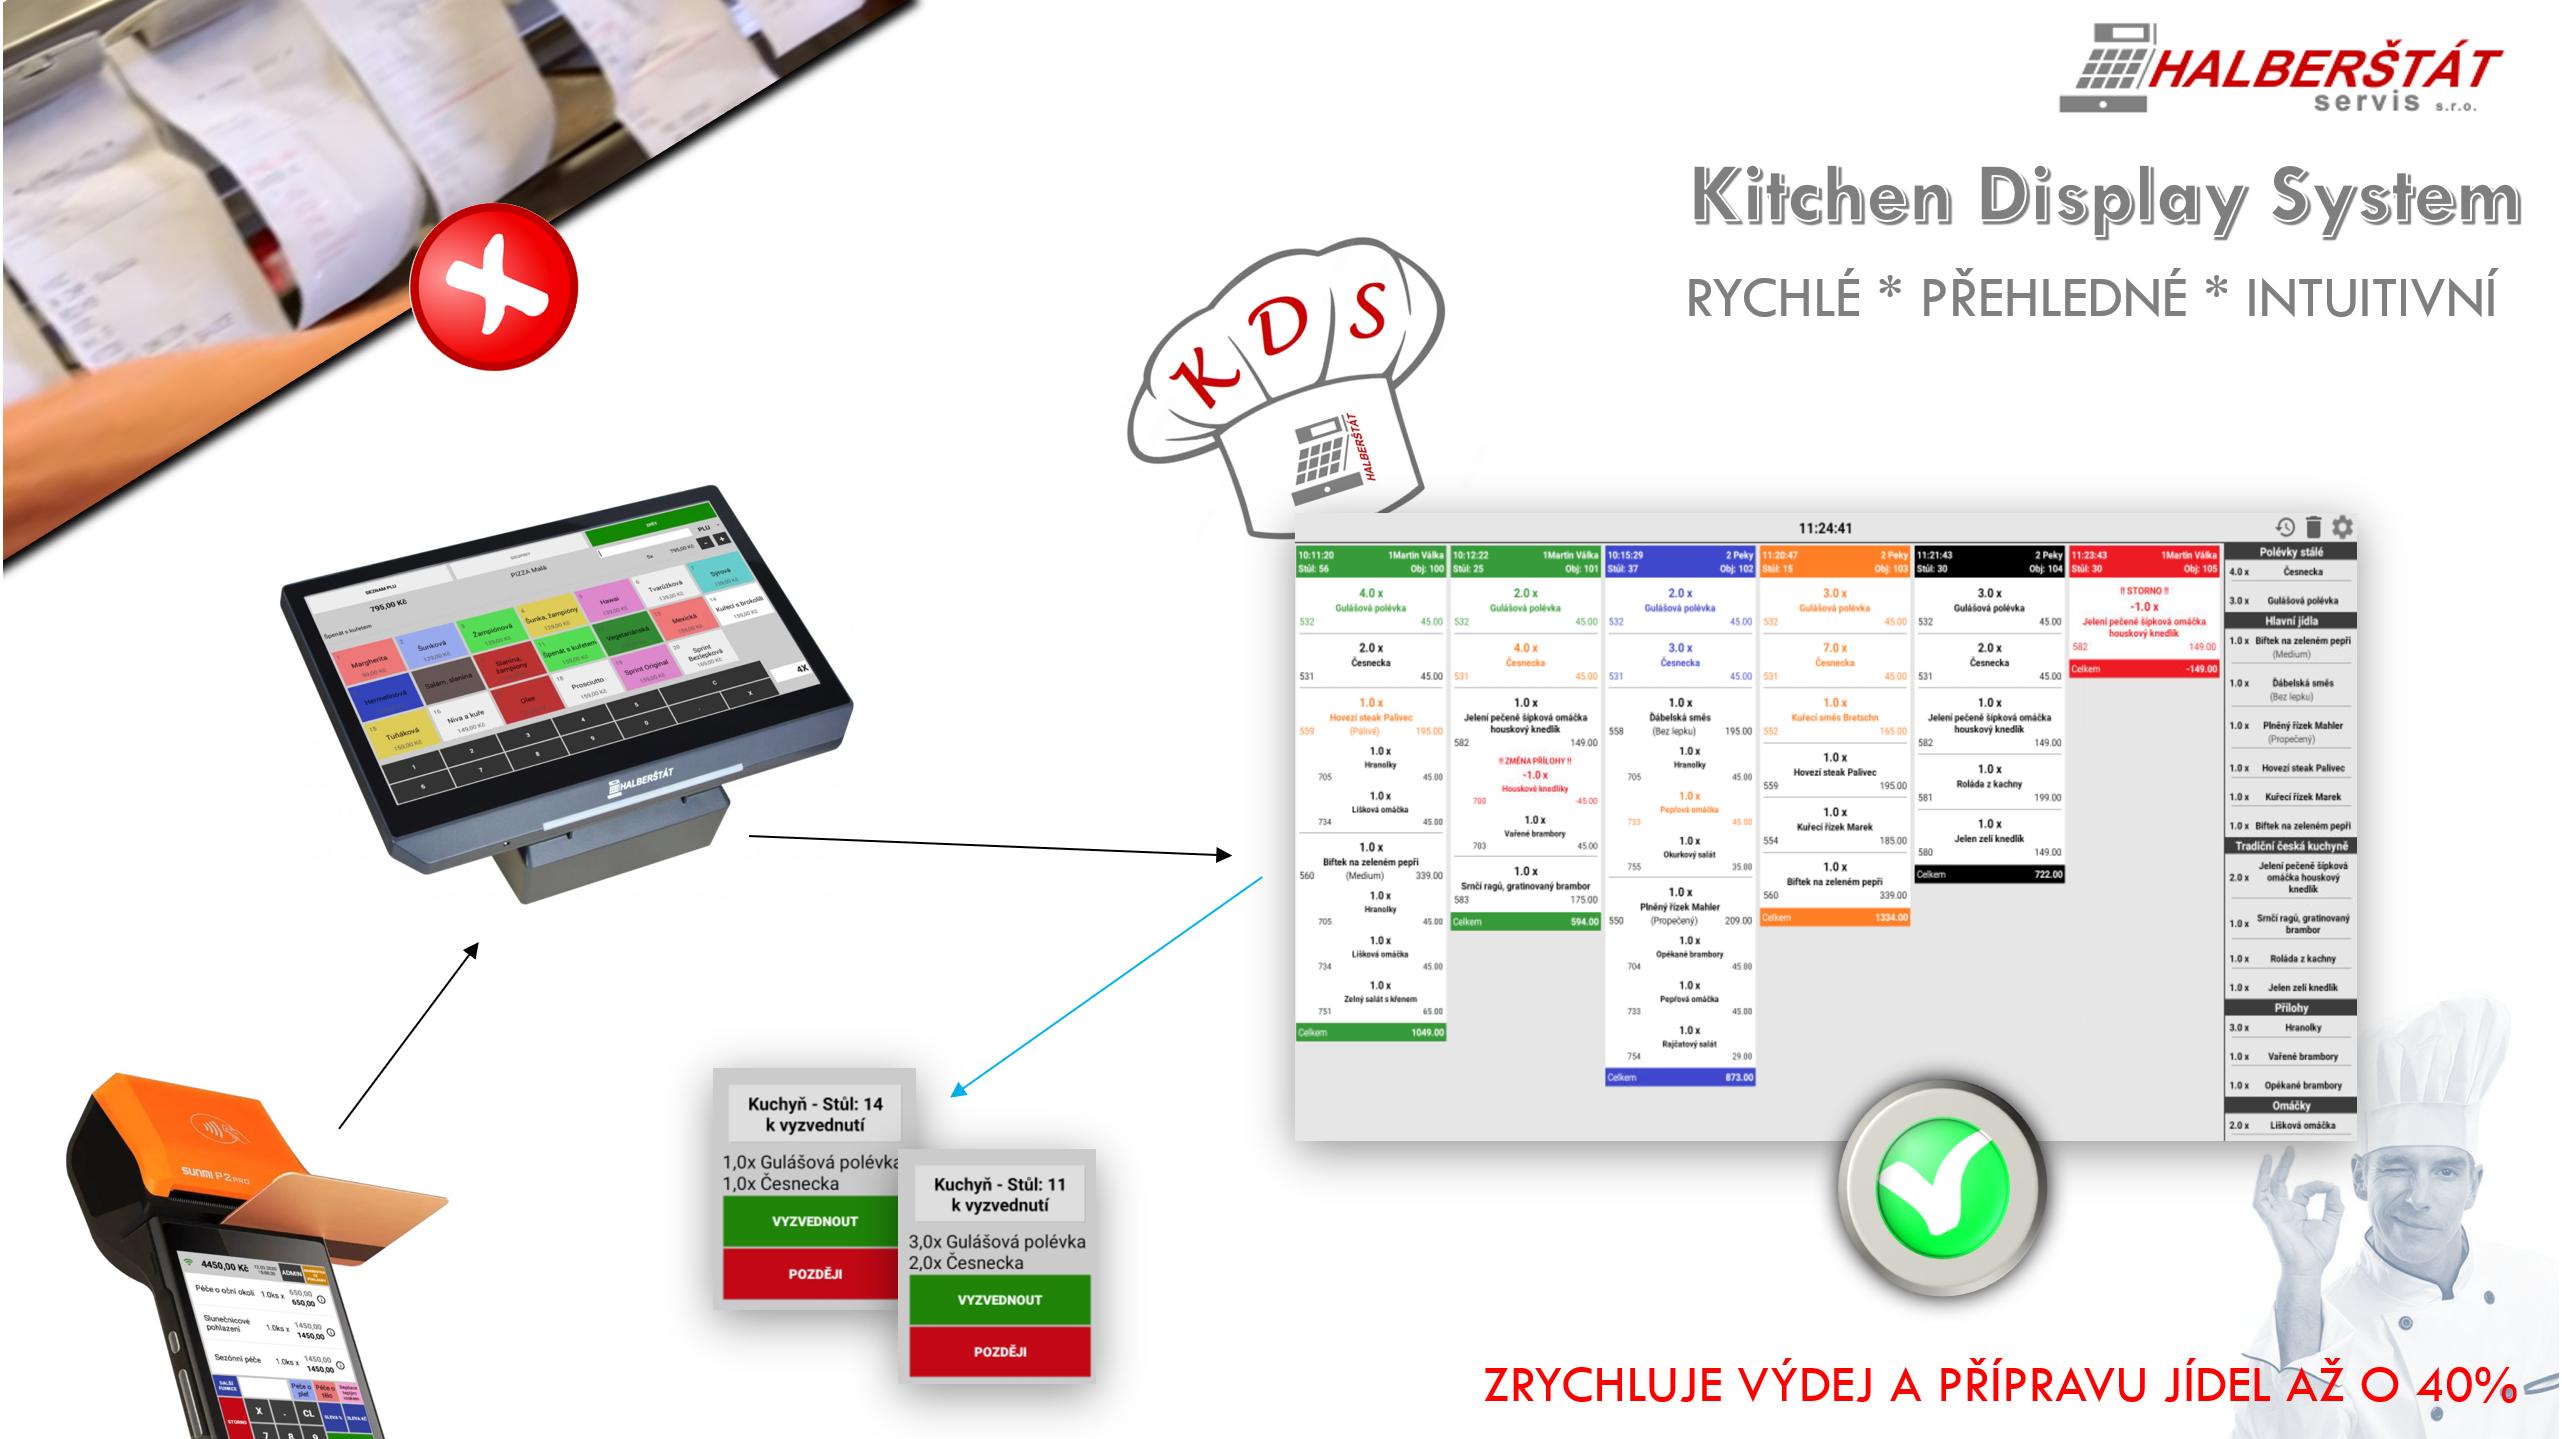 KDS Kitchen Display System